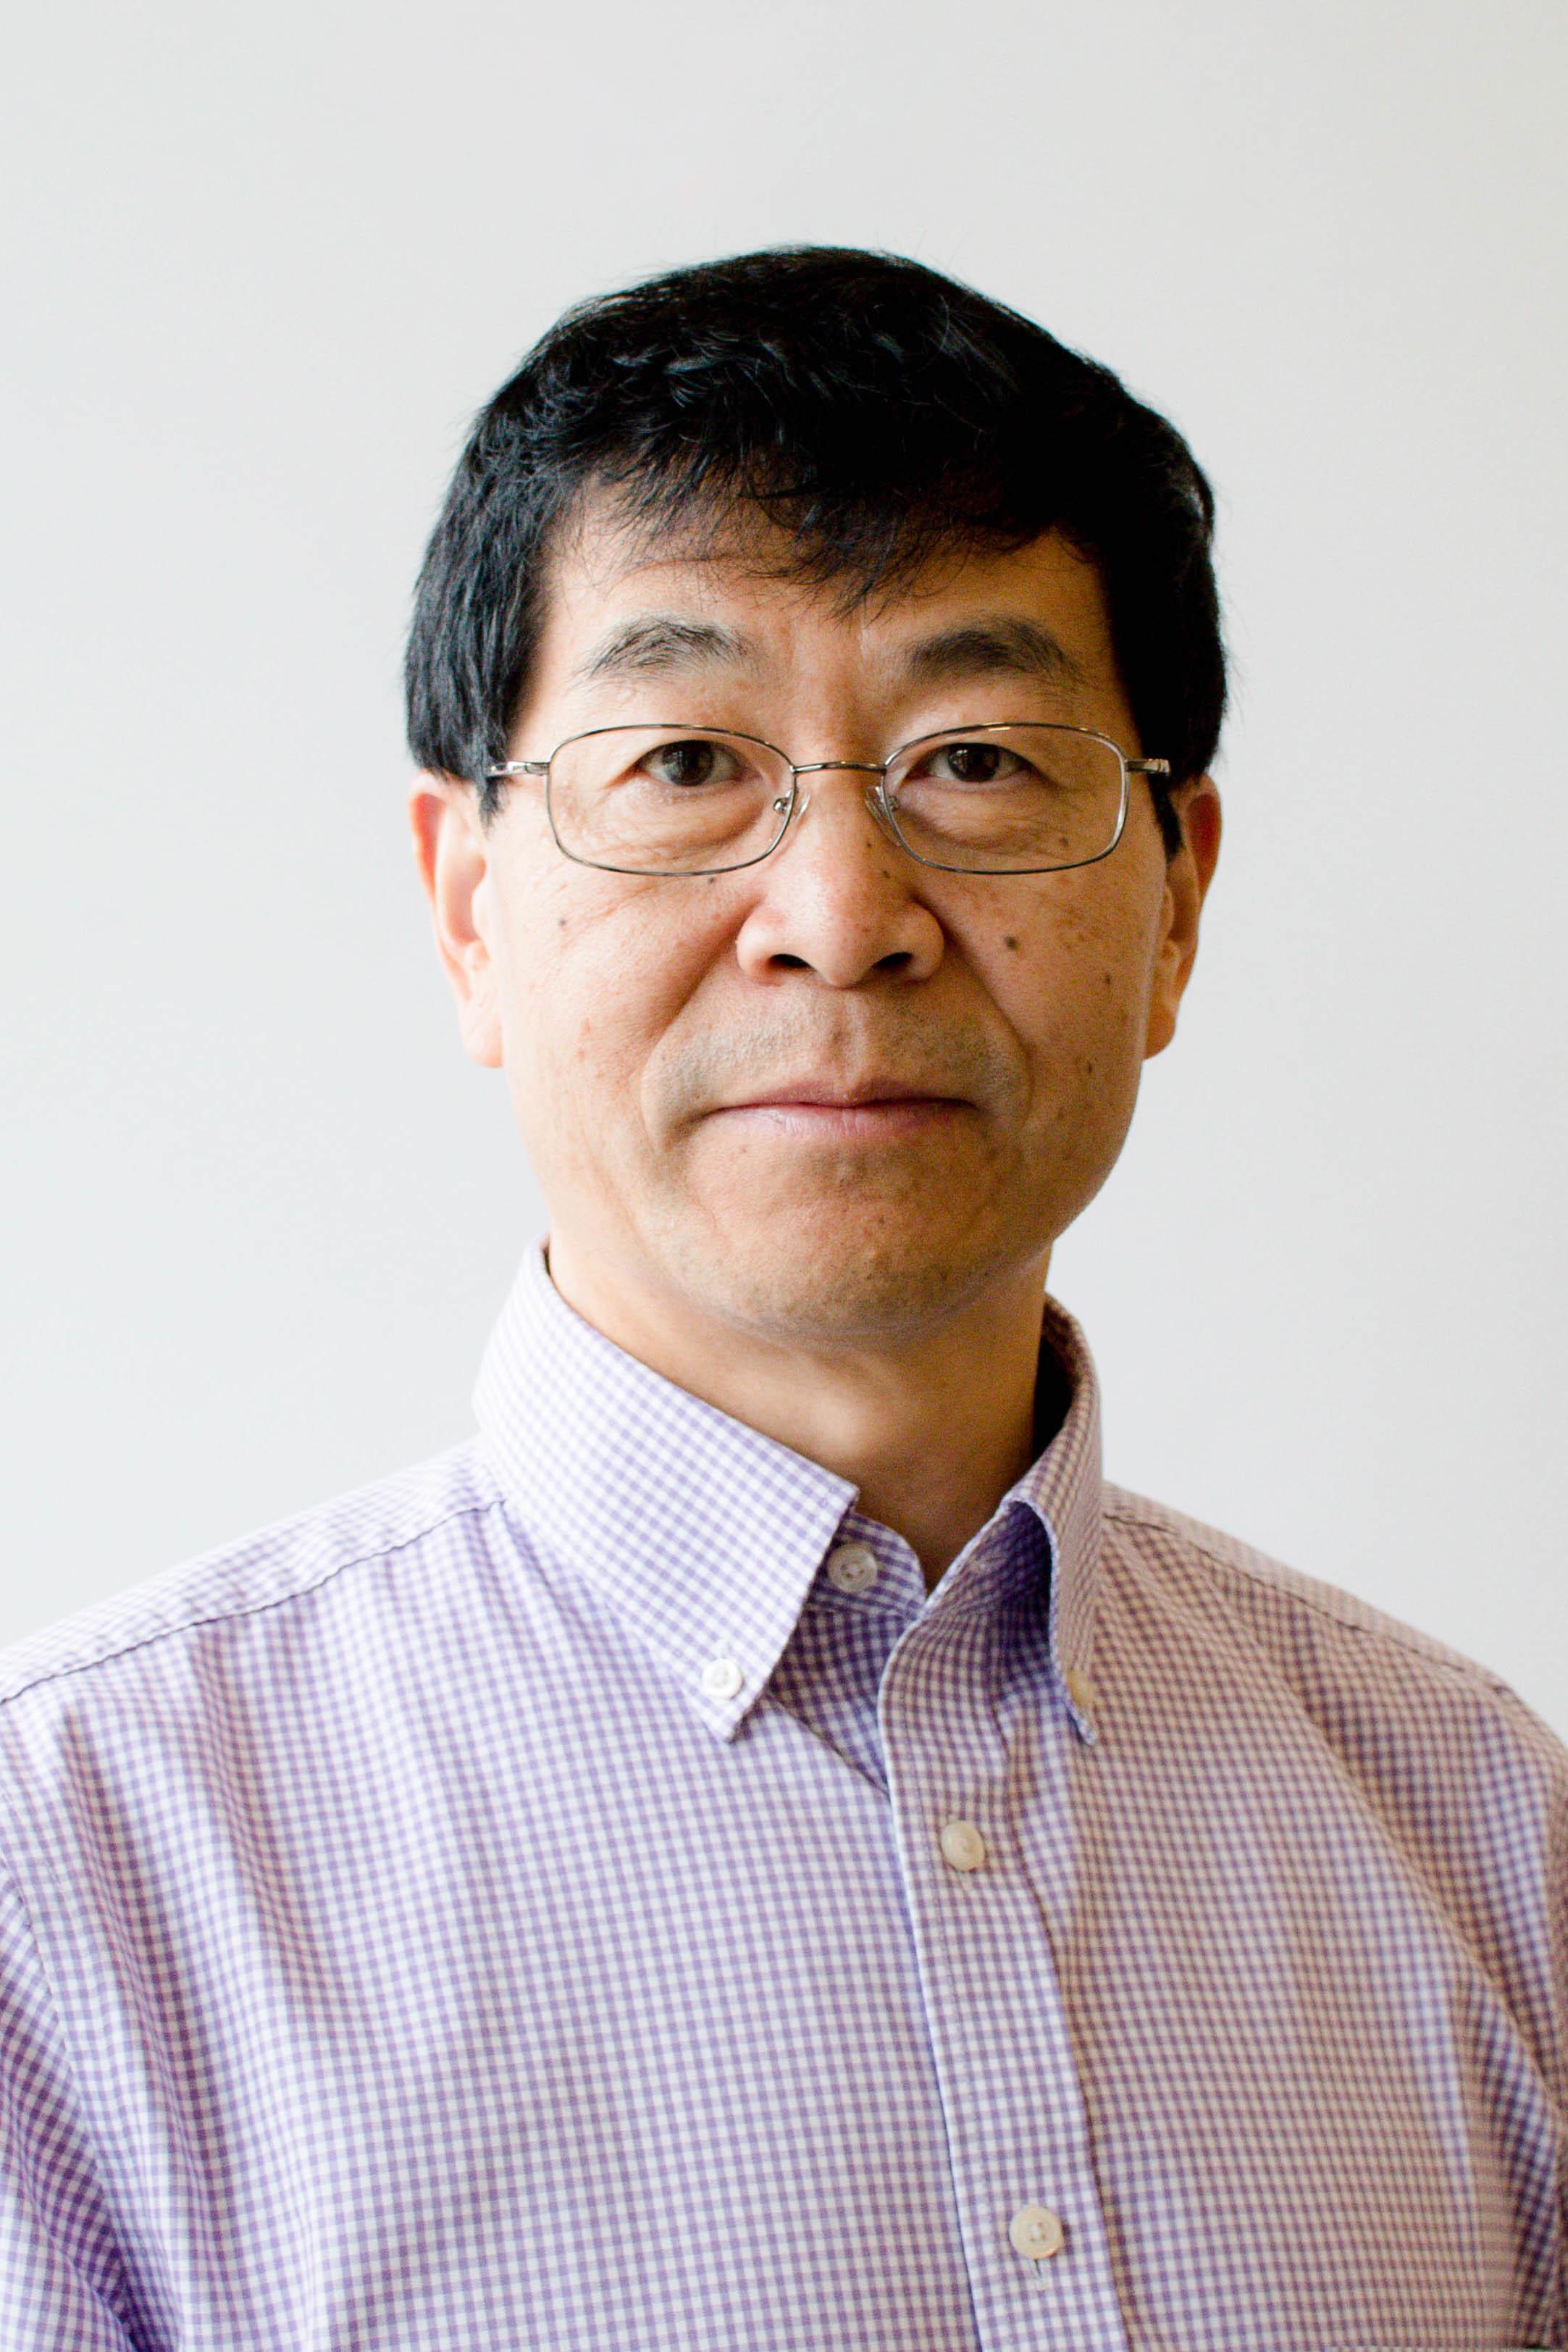 Shiquan Liu